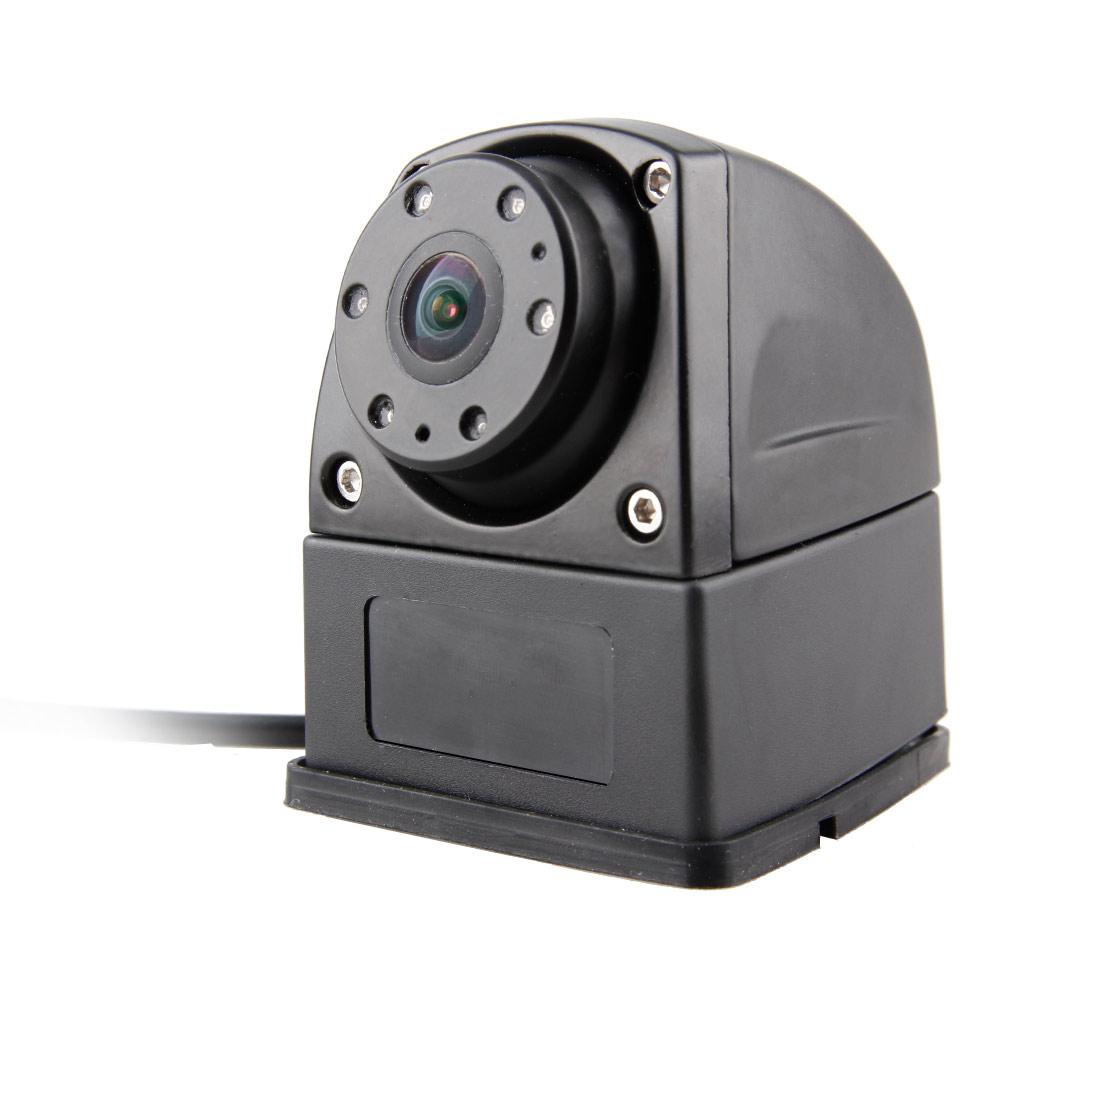 Side View Camera for Vans Sprinter, VW Crafter, Ford Transit, Renault Master vans